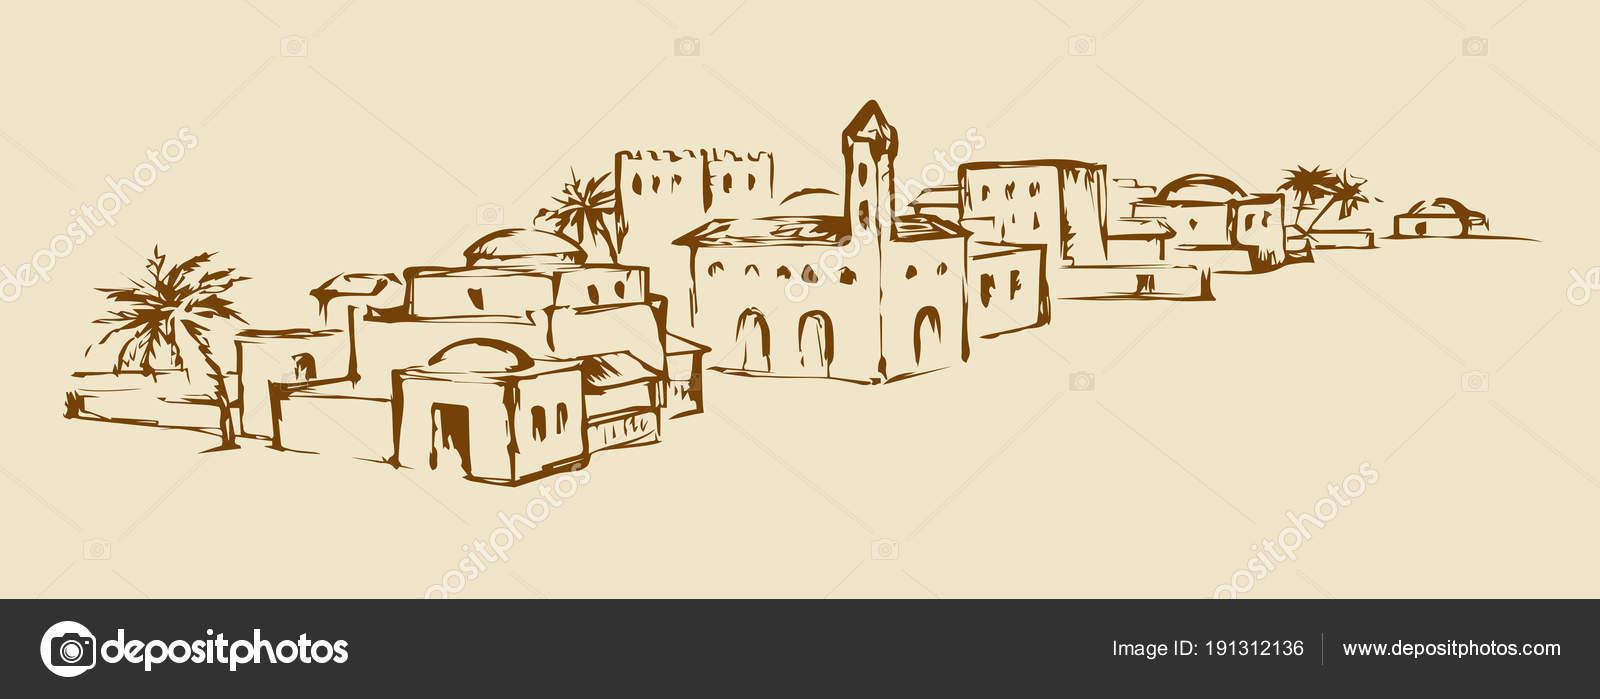 Vieille ville de l\'est. Dessin vectoriel — Image vectorielle Marinka ...